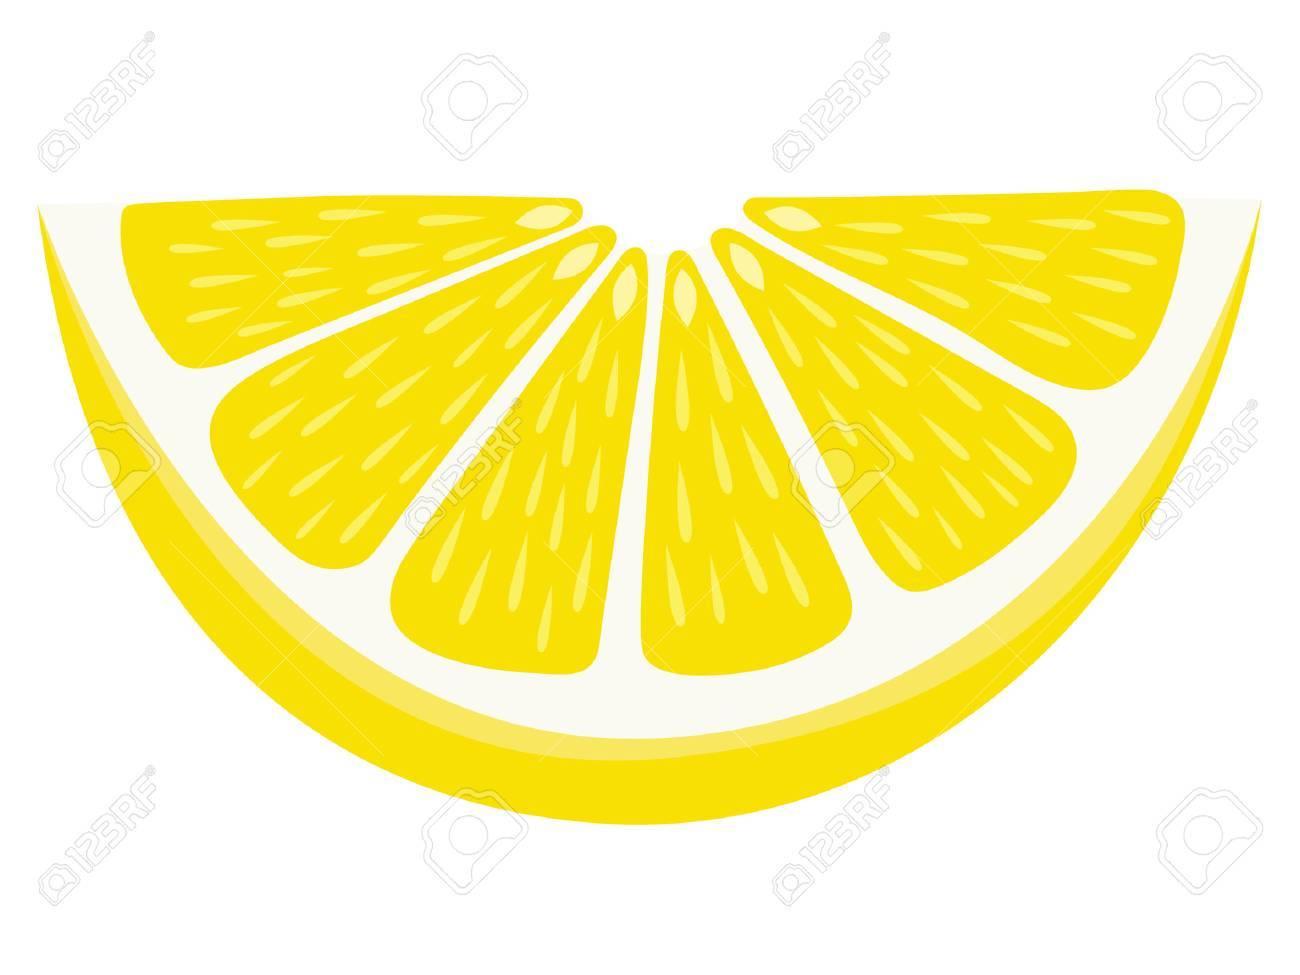 Lemon Wedge - Isolated - 84271435